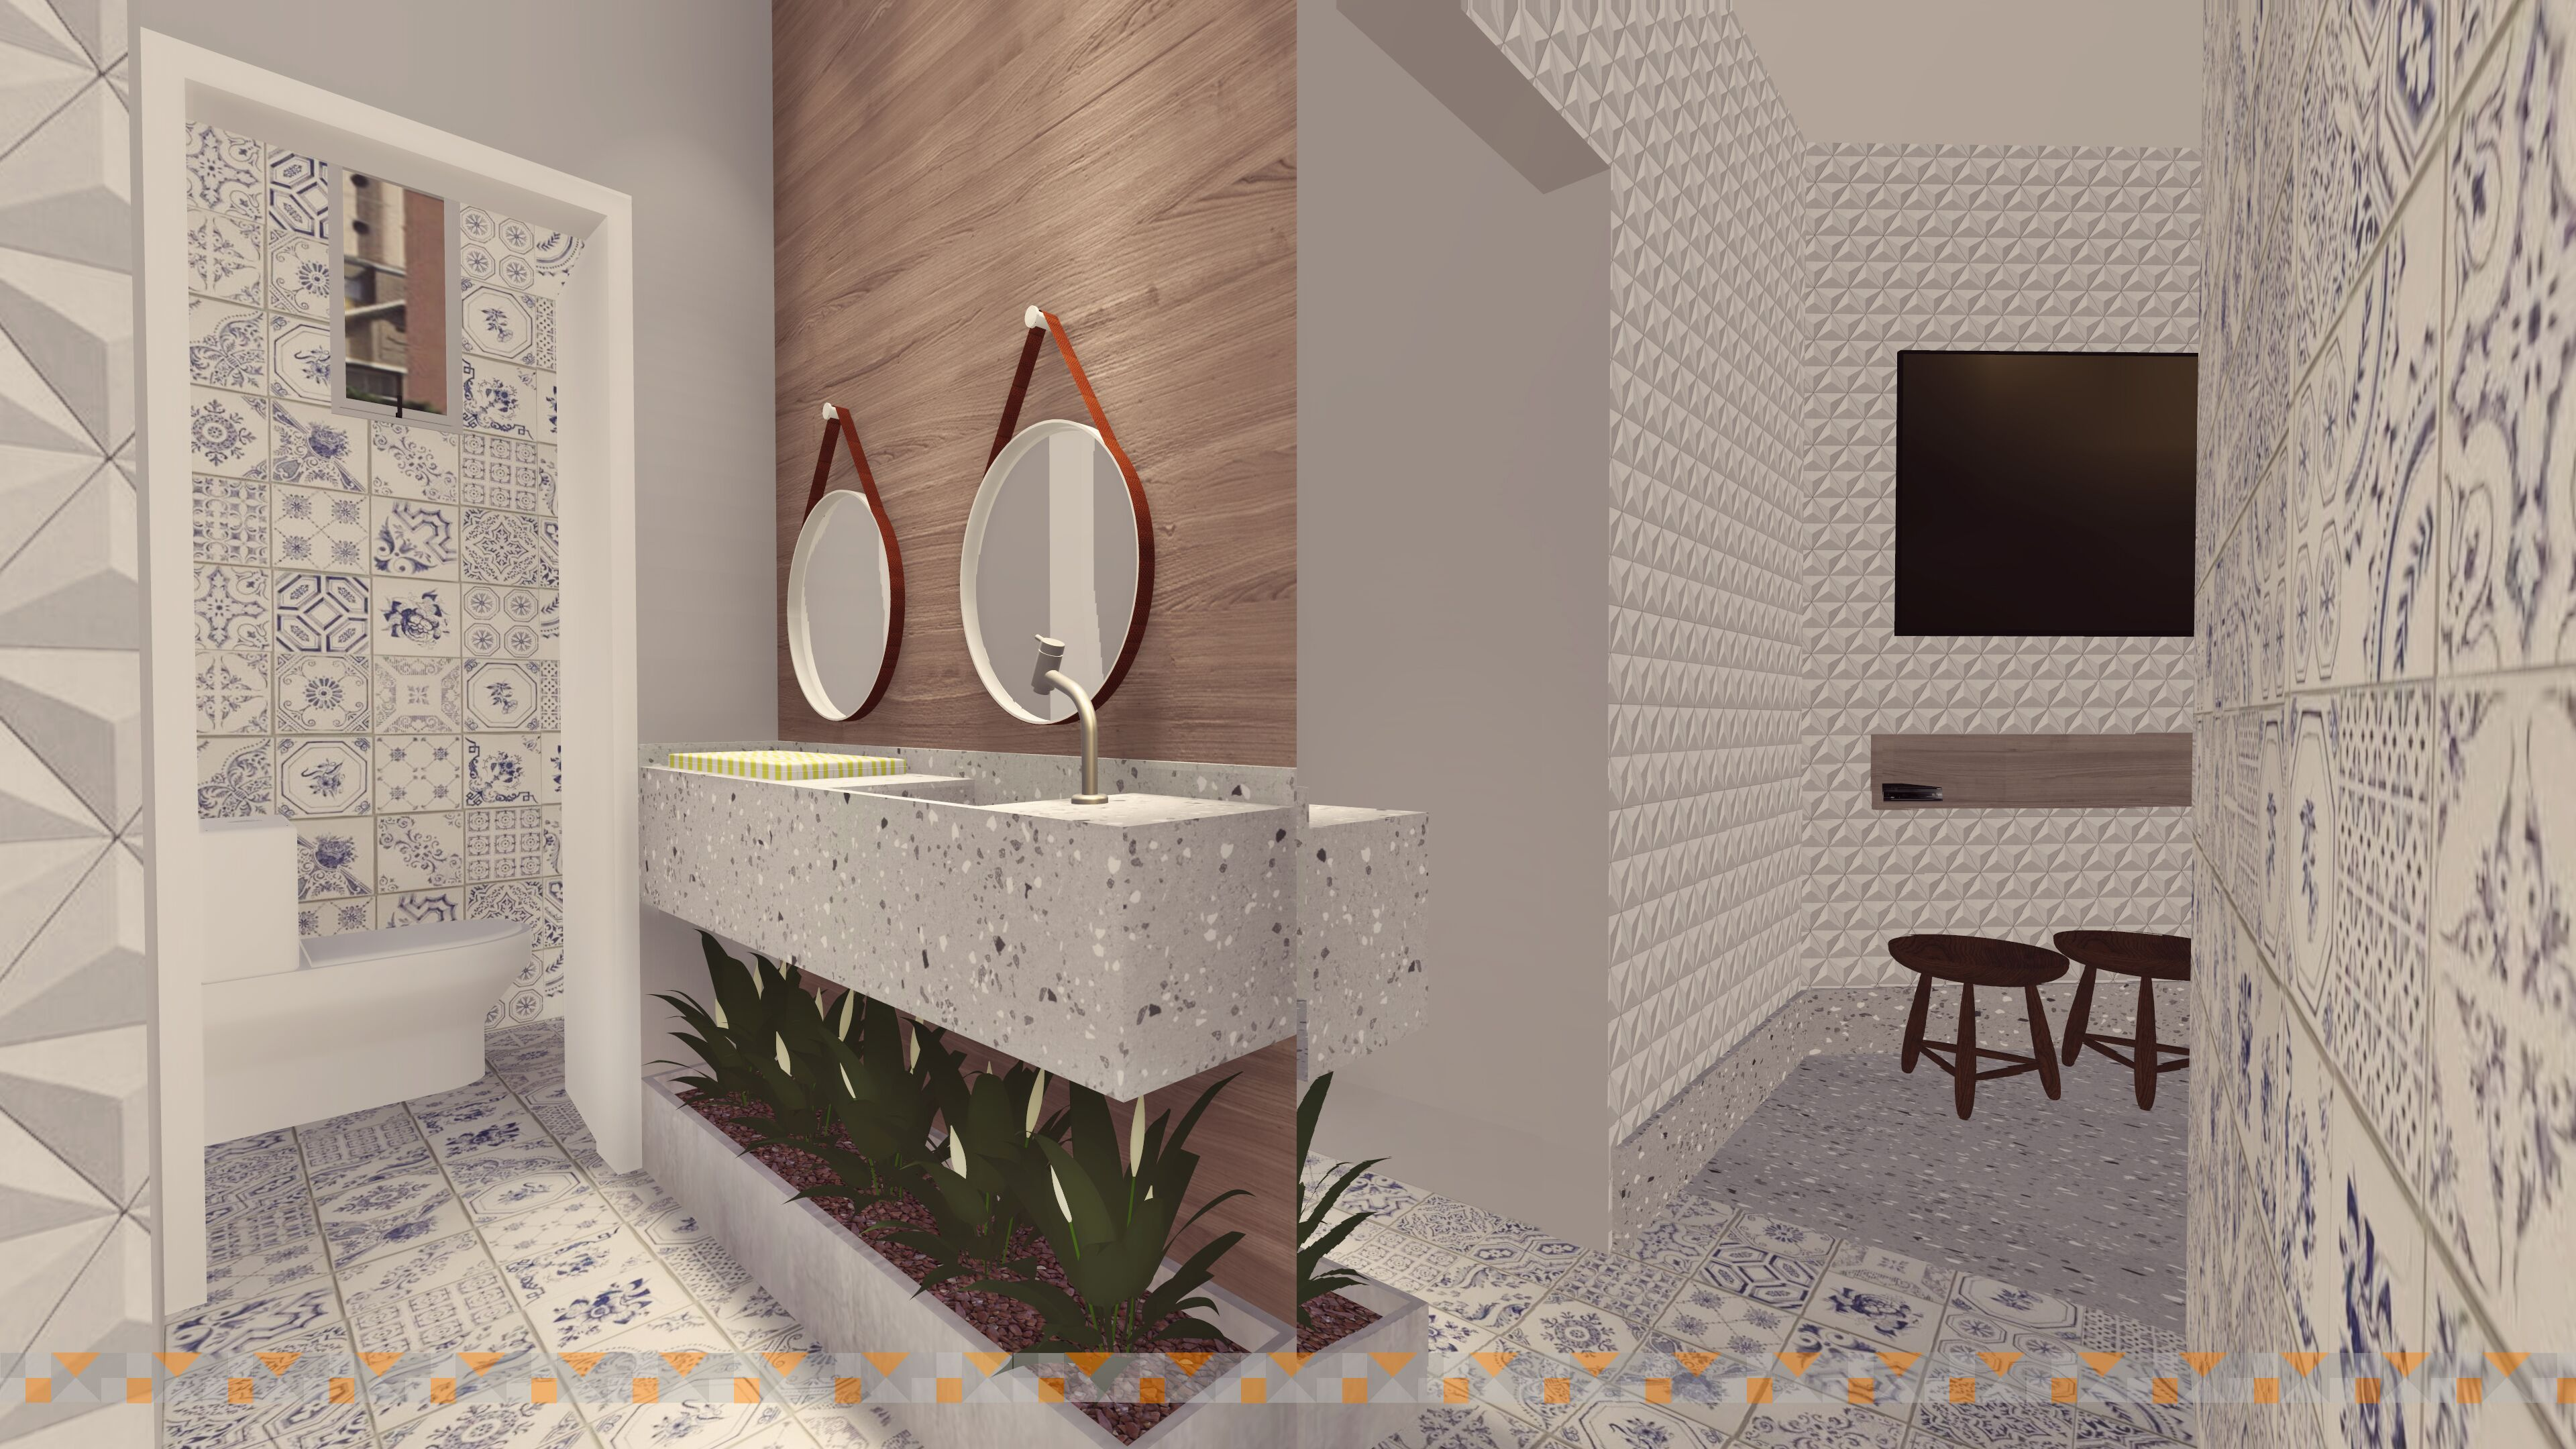 Área comum de um prédio com pia, espelhos, plantas, ladrilho hidráulico, bancos e TV.